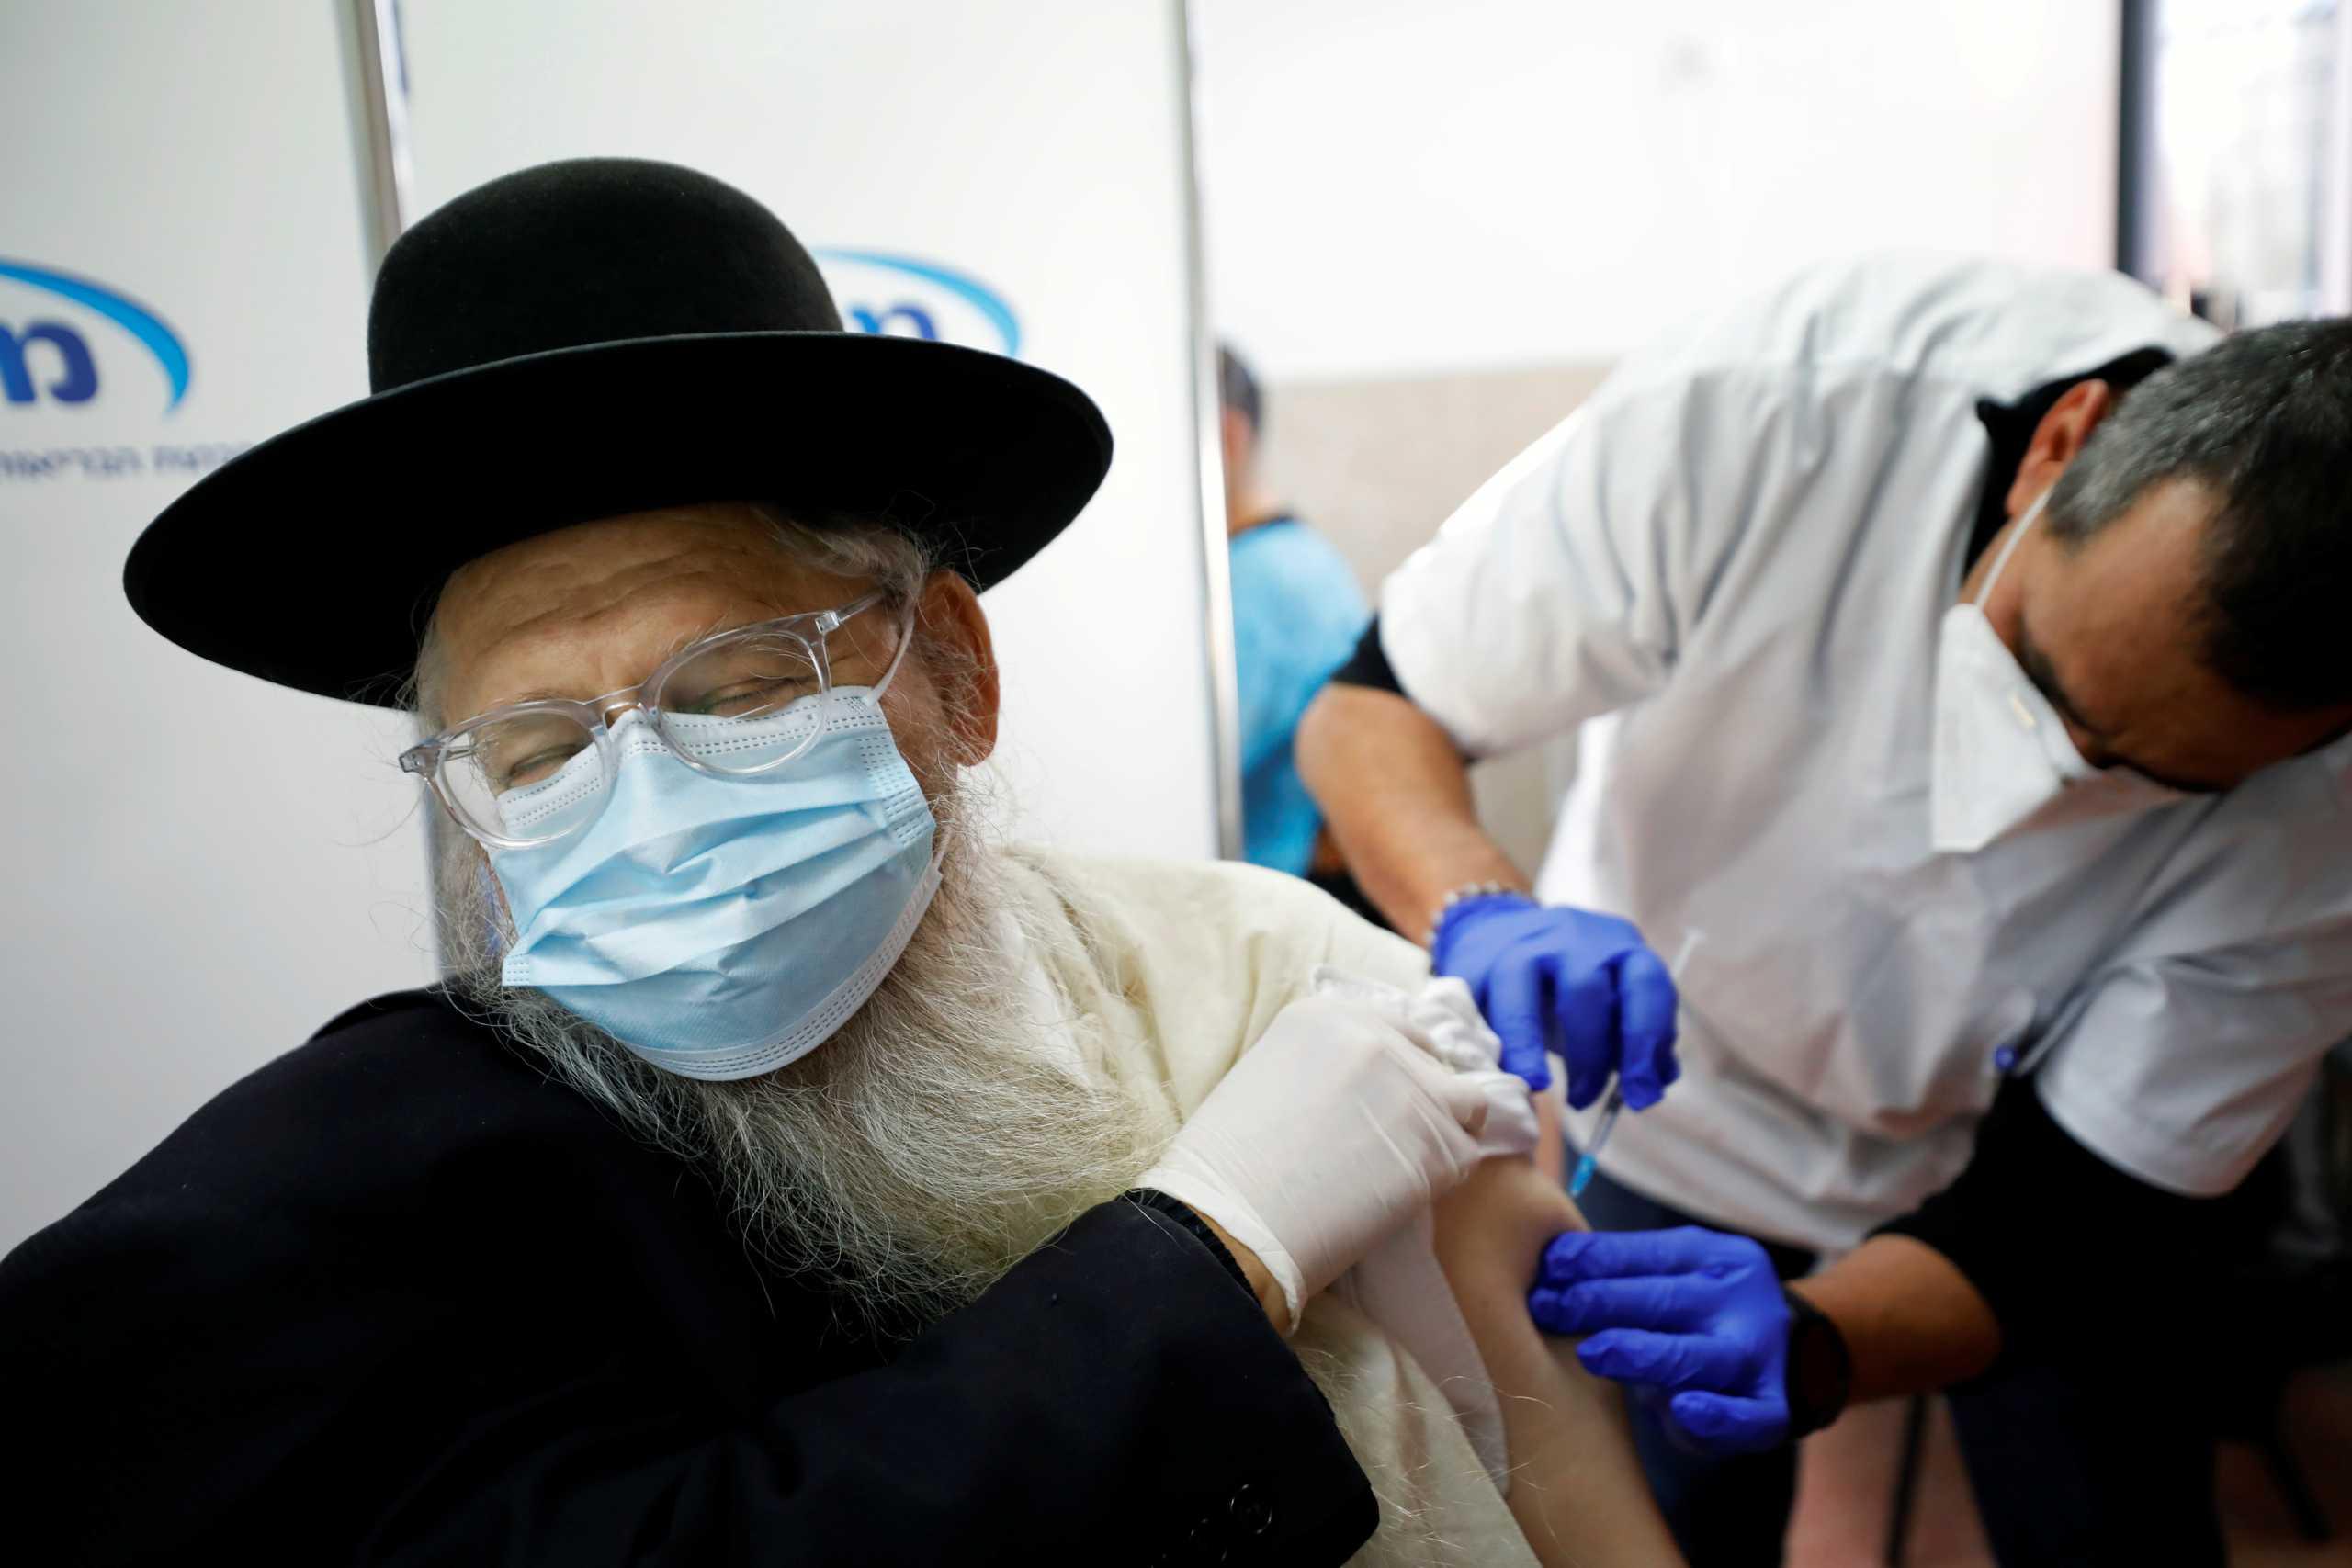 Εμβόλιο κορονοϊού: Το Ισραήλ είναι η πρώτη χώρα που χορηγεί 3η δόση στους άνω των 50 ετών